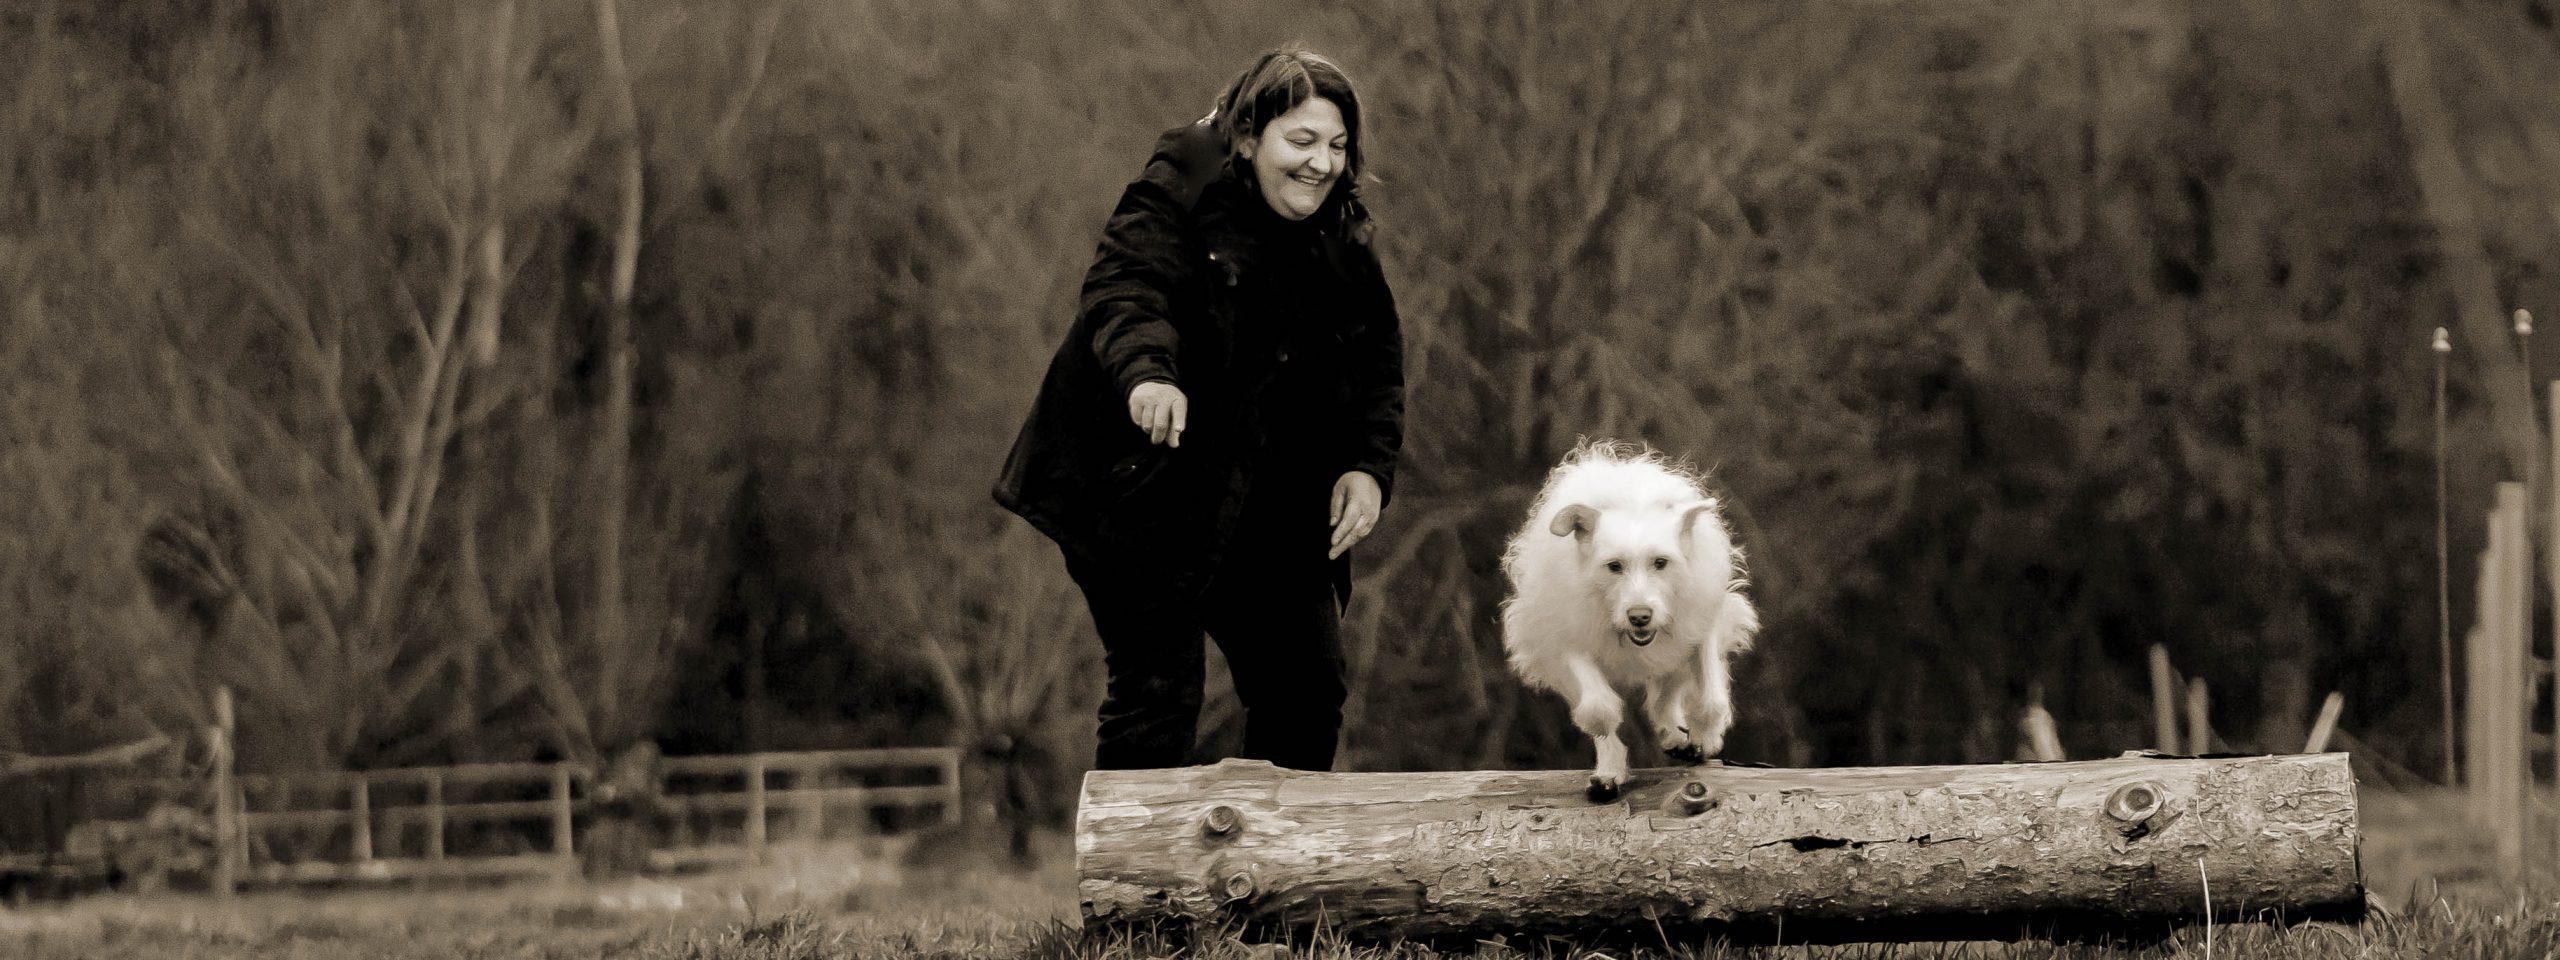 Mensch mit Hund - Hund springt über einen Baumstamm